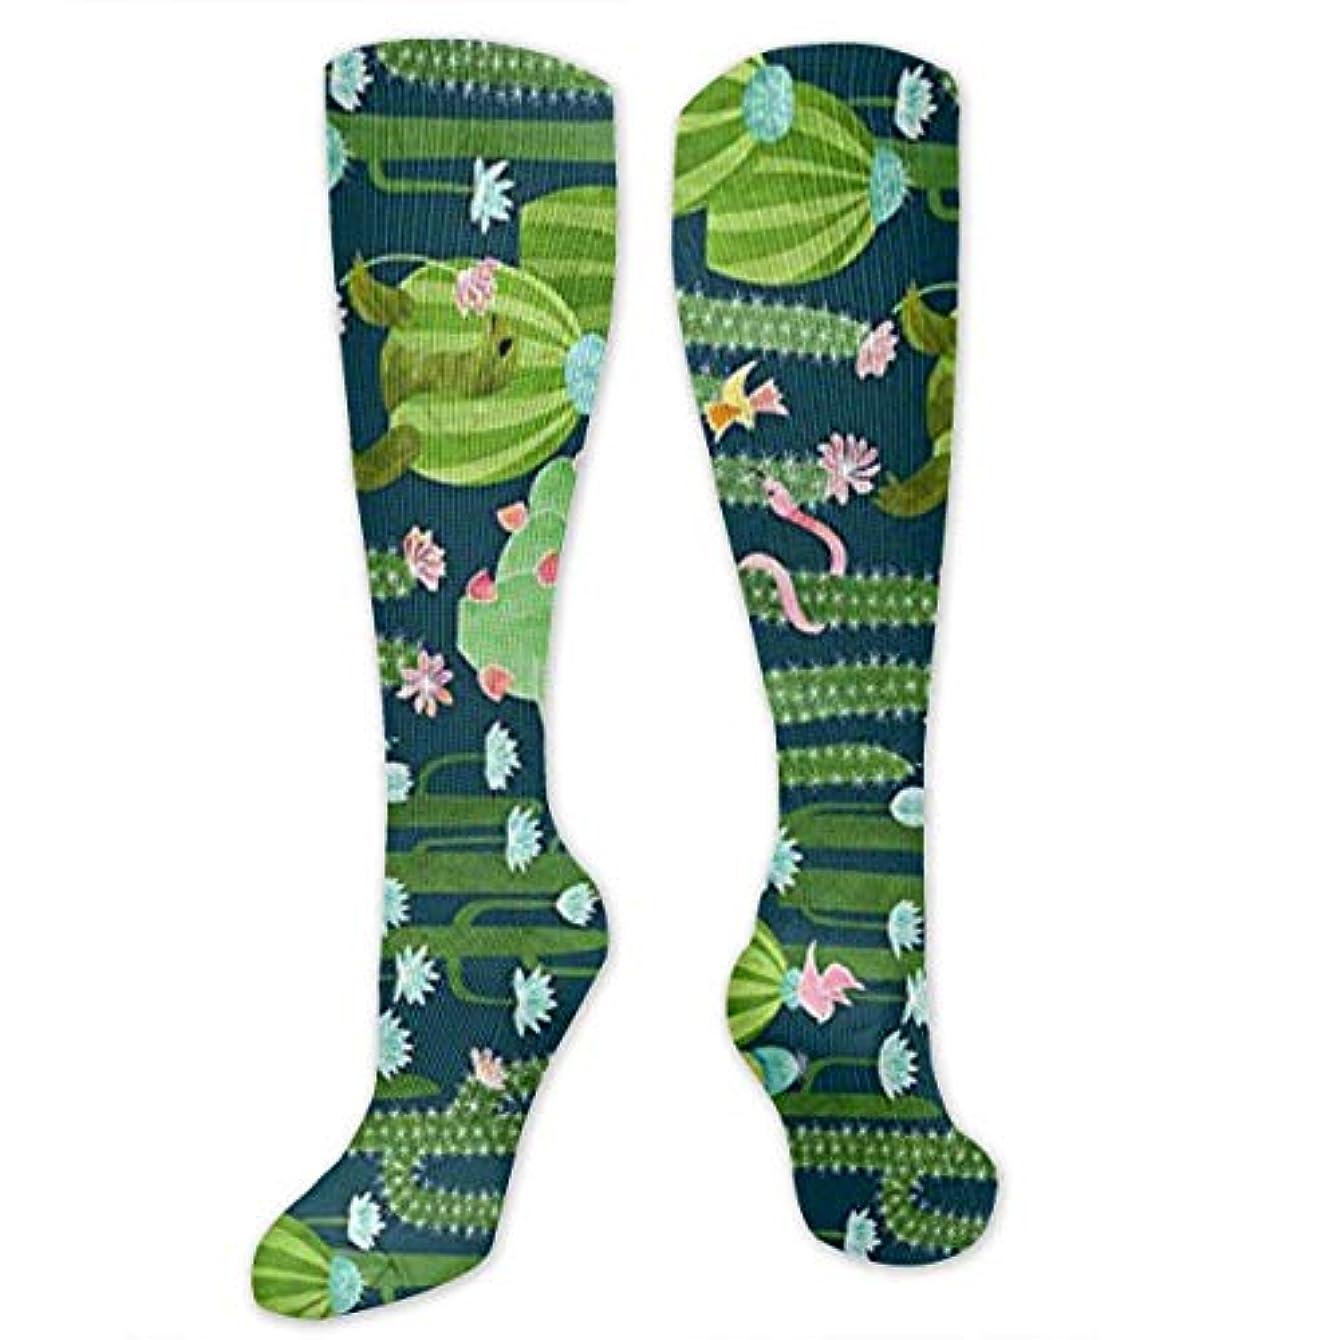 家族海岸補う靴下,ストッキング,野生のジョーカー,実際,秋の本質,冬必須,サマーウェア&RBXAA The Cactus Garden of Earthly Delights Socks Women's Winter Cotton...